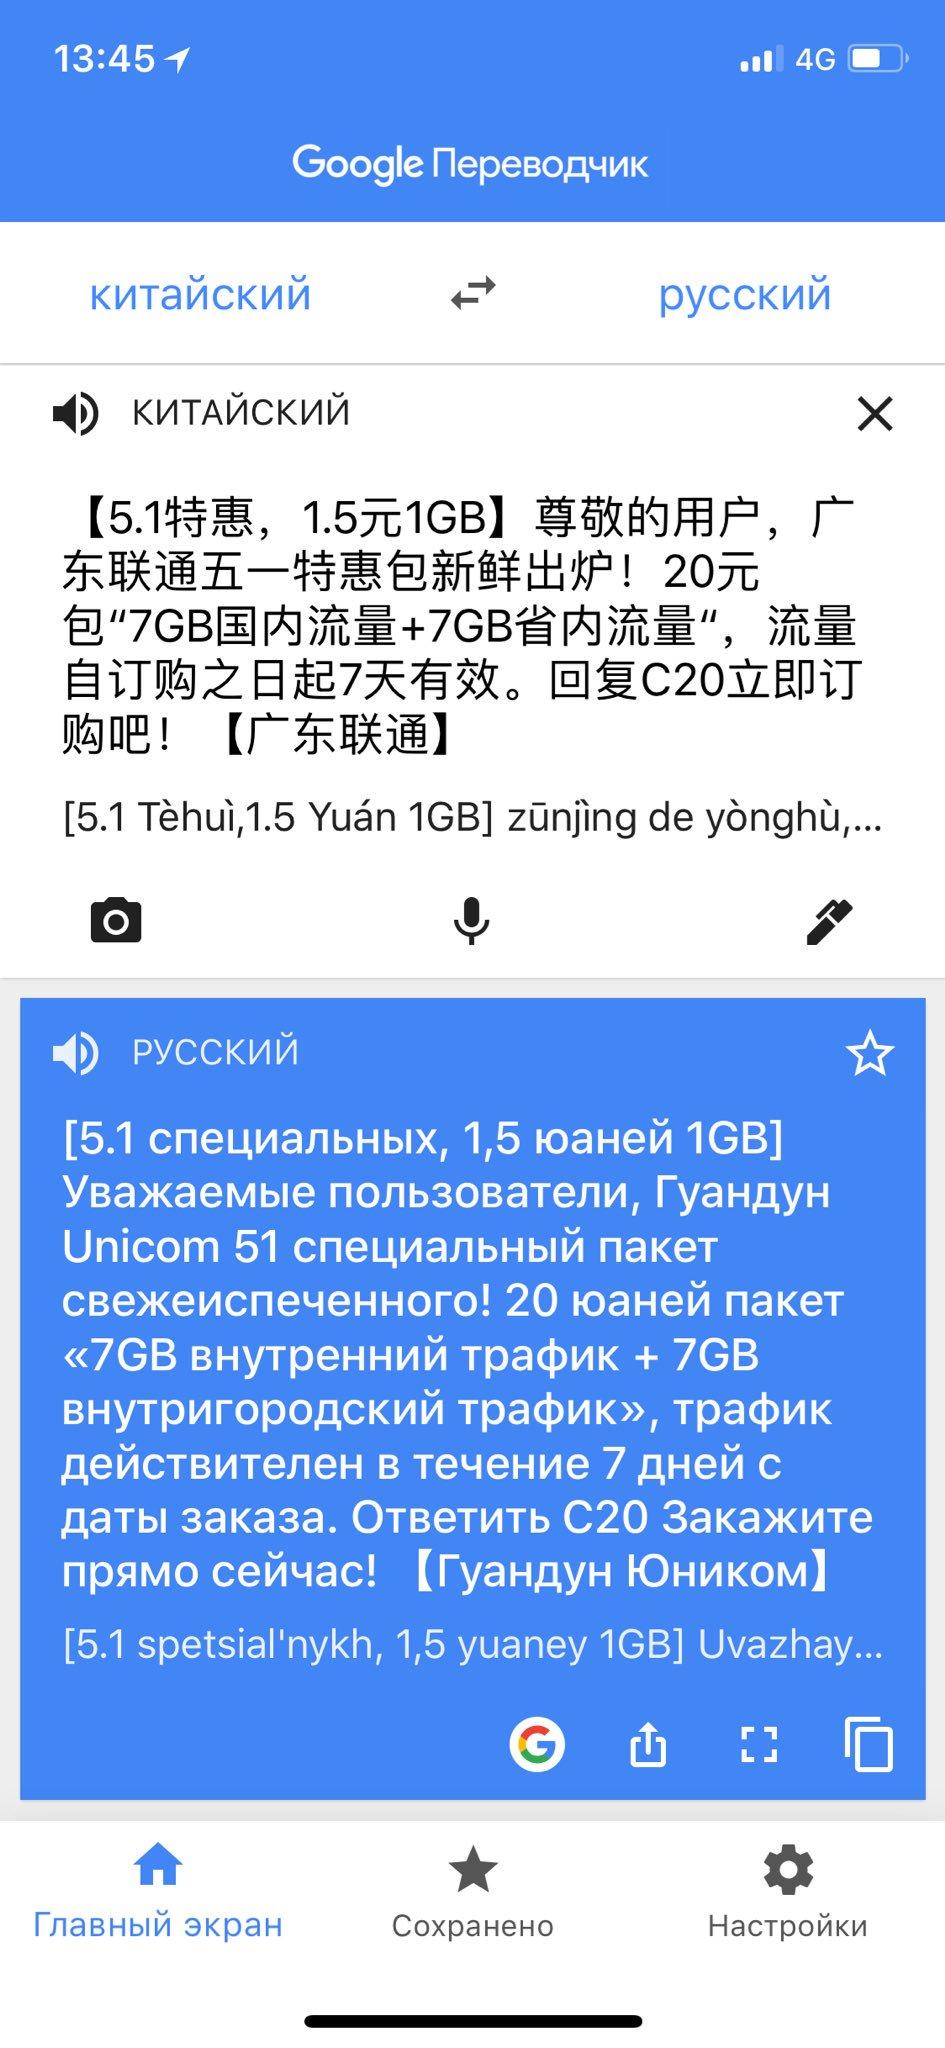 нанесении стену перевод с китайского по фотографии новым